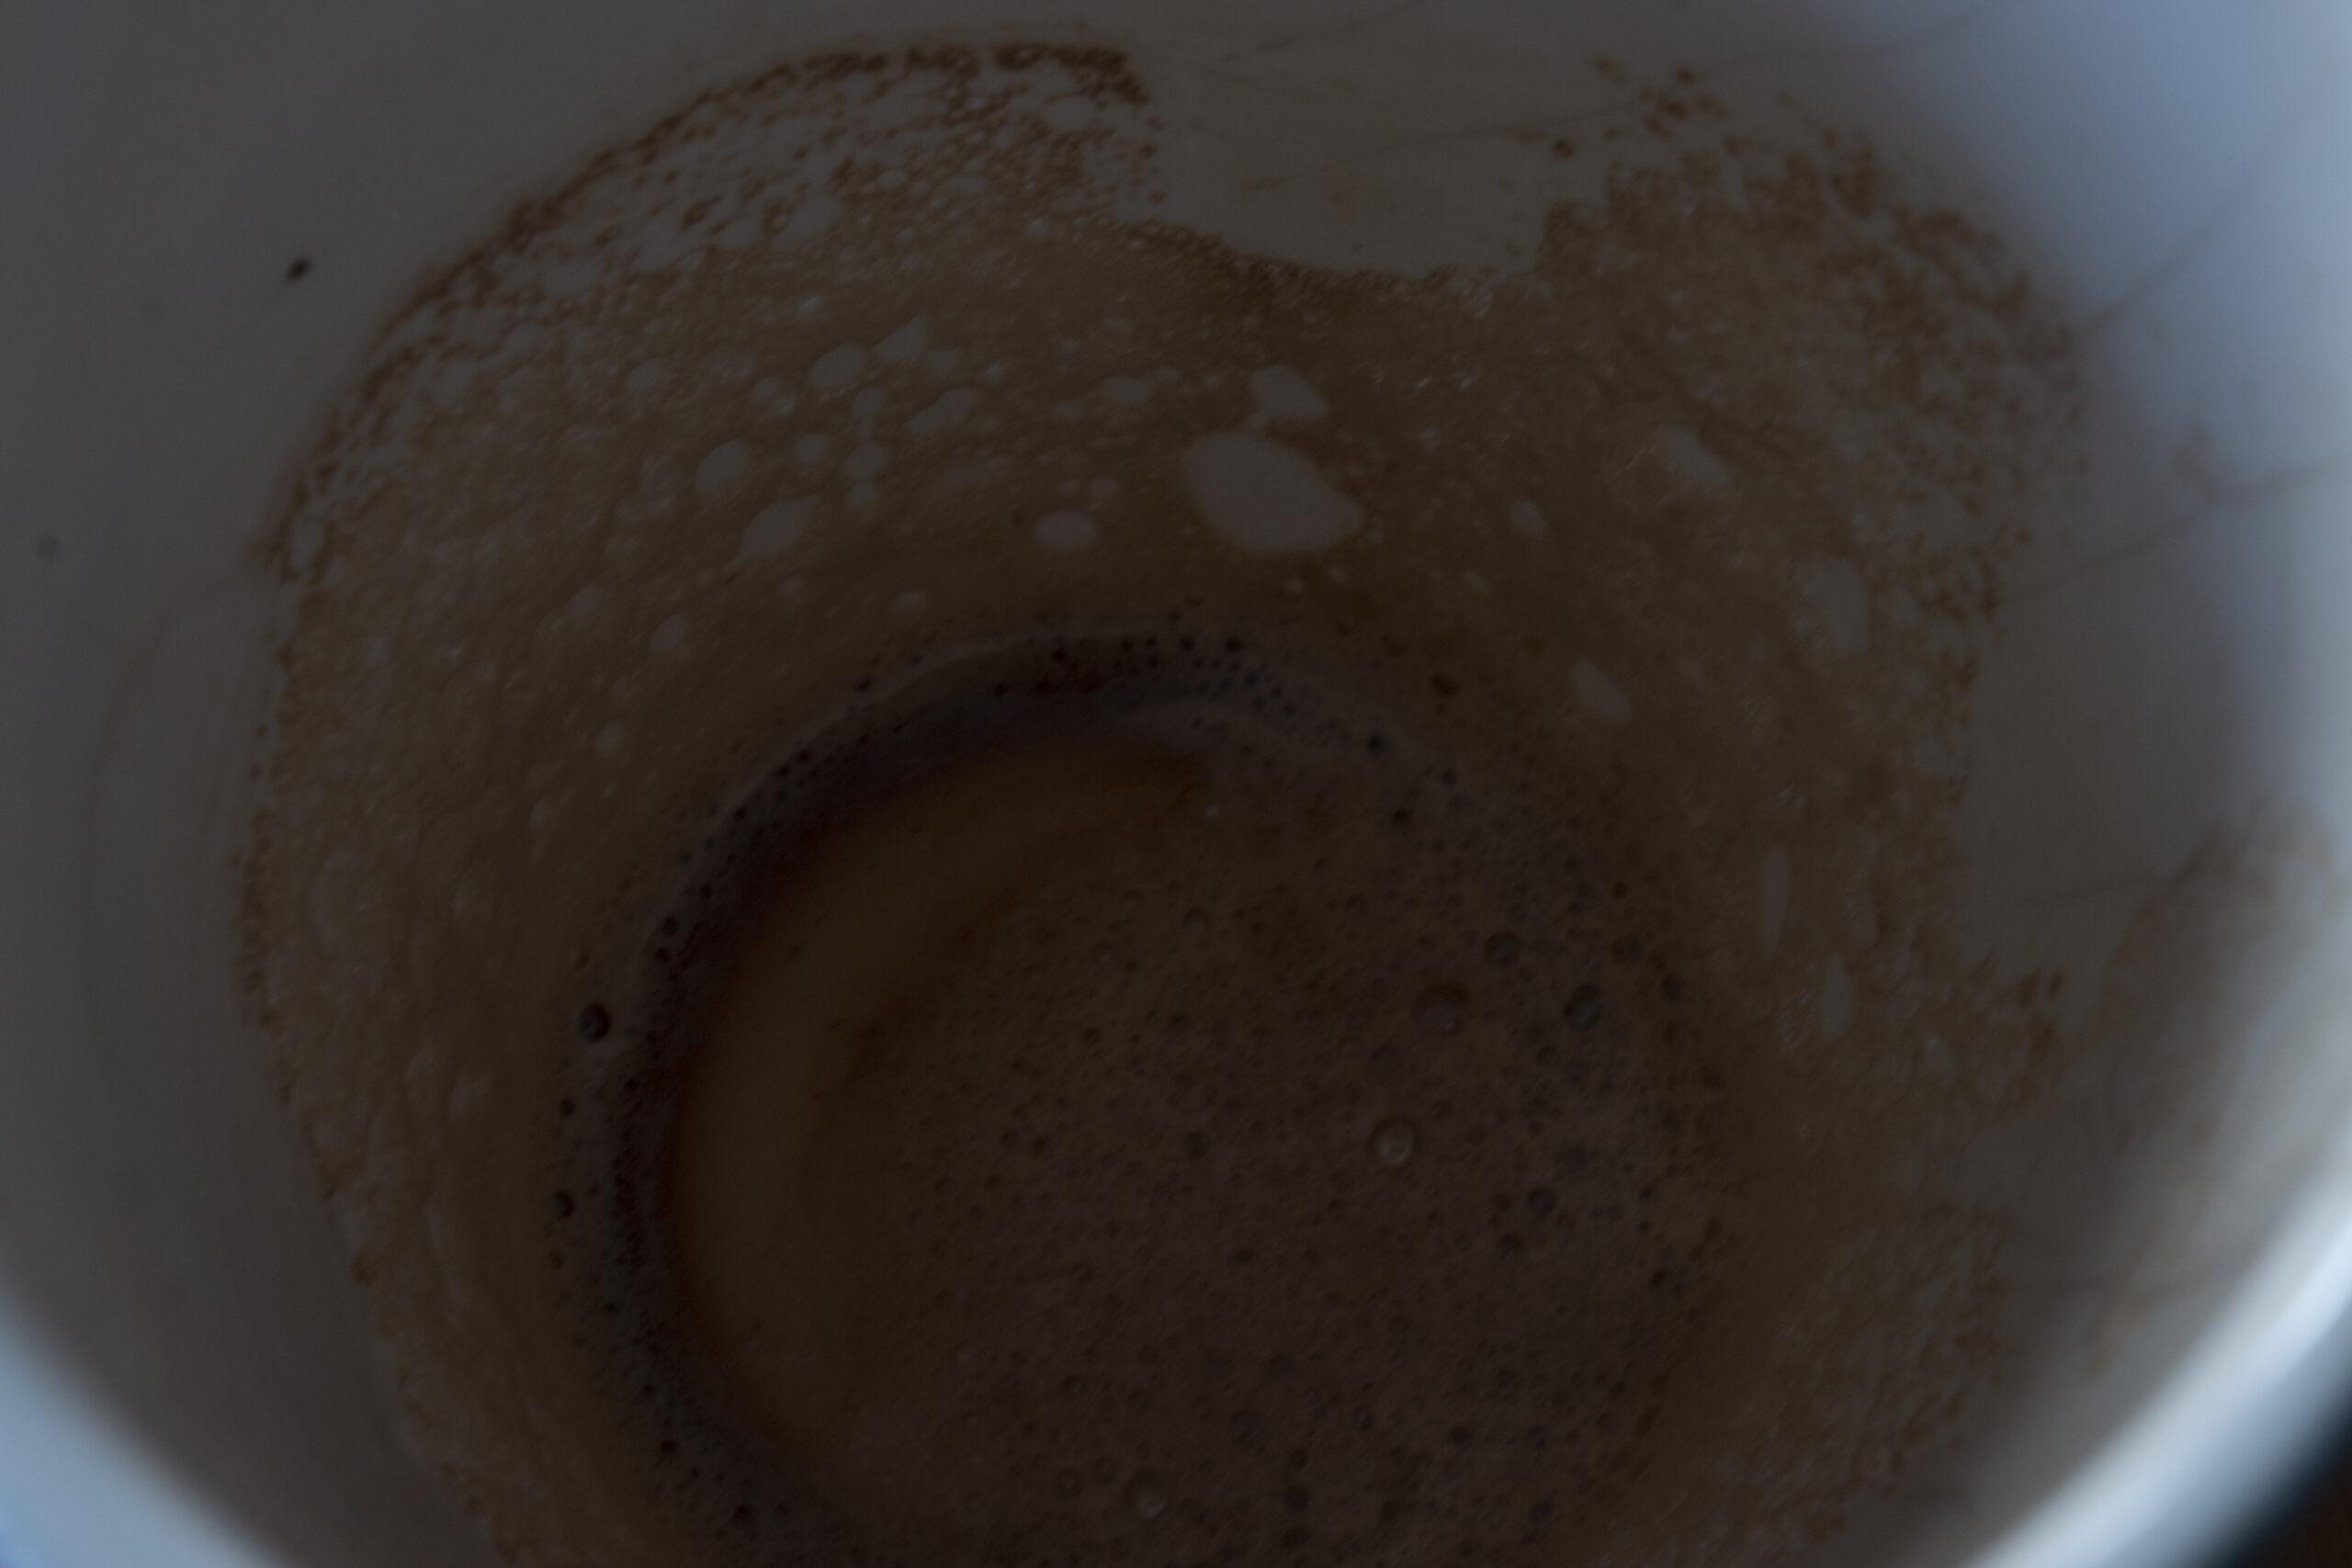 L'intérieur d'une tasse qui devait contenir du café. Les bords sont marrons dû à la trace de la mousse du café.